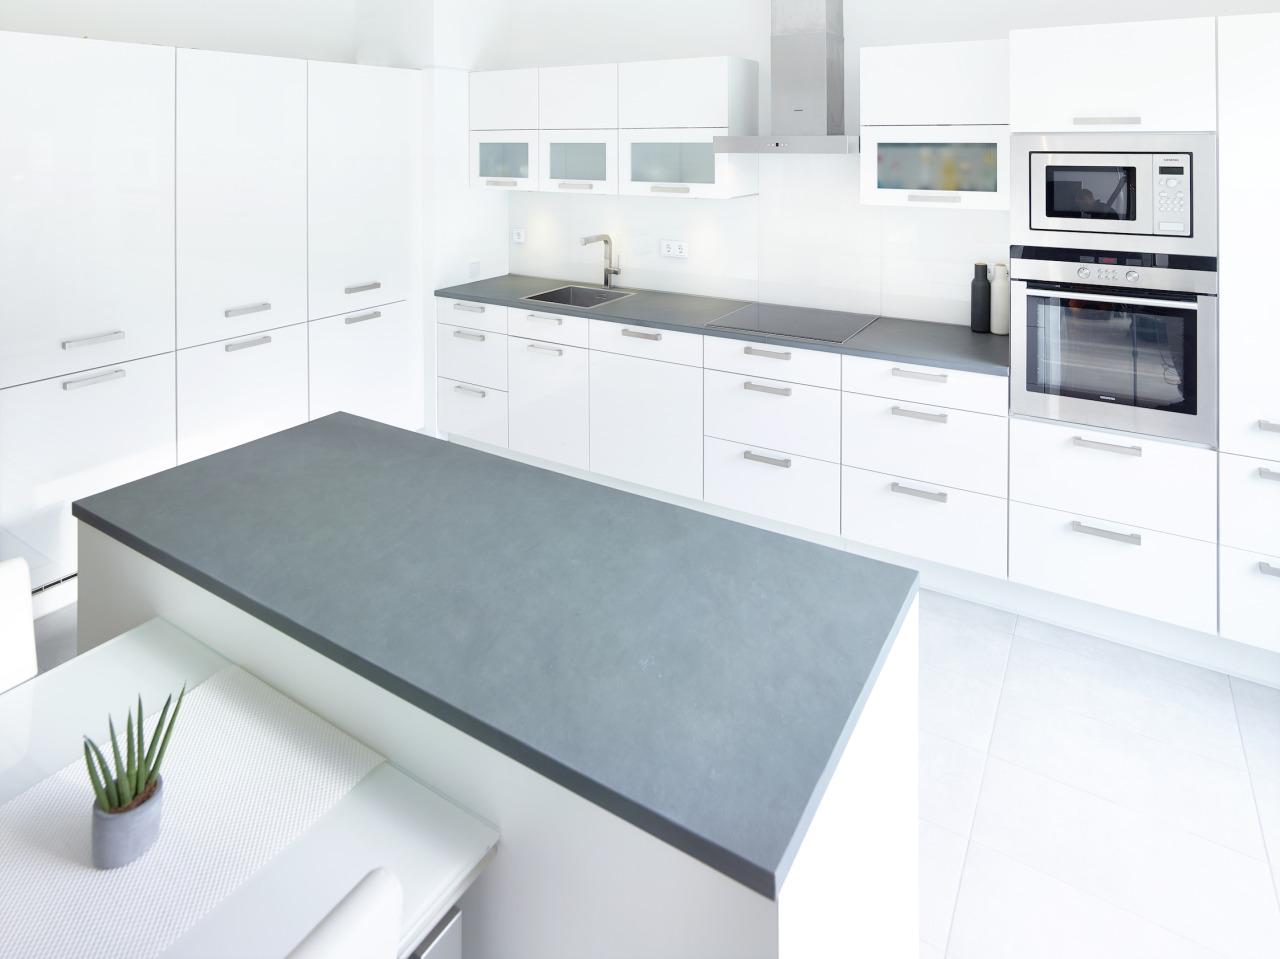 arbeitsplatte holz schwarze flecken wohnzimmer neu. Black Bedroom Furniture Sets. Home Design Ideas